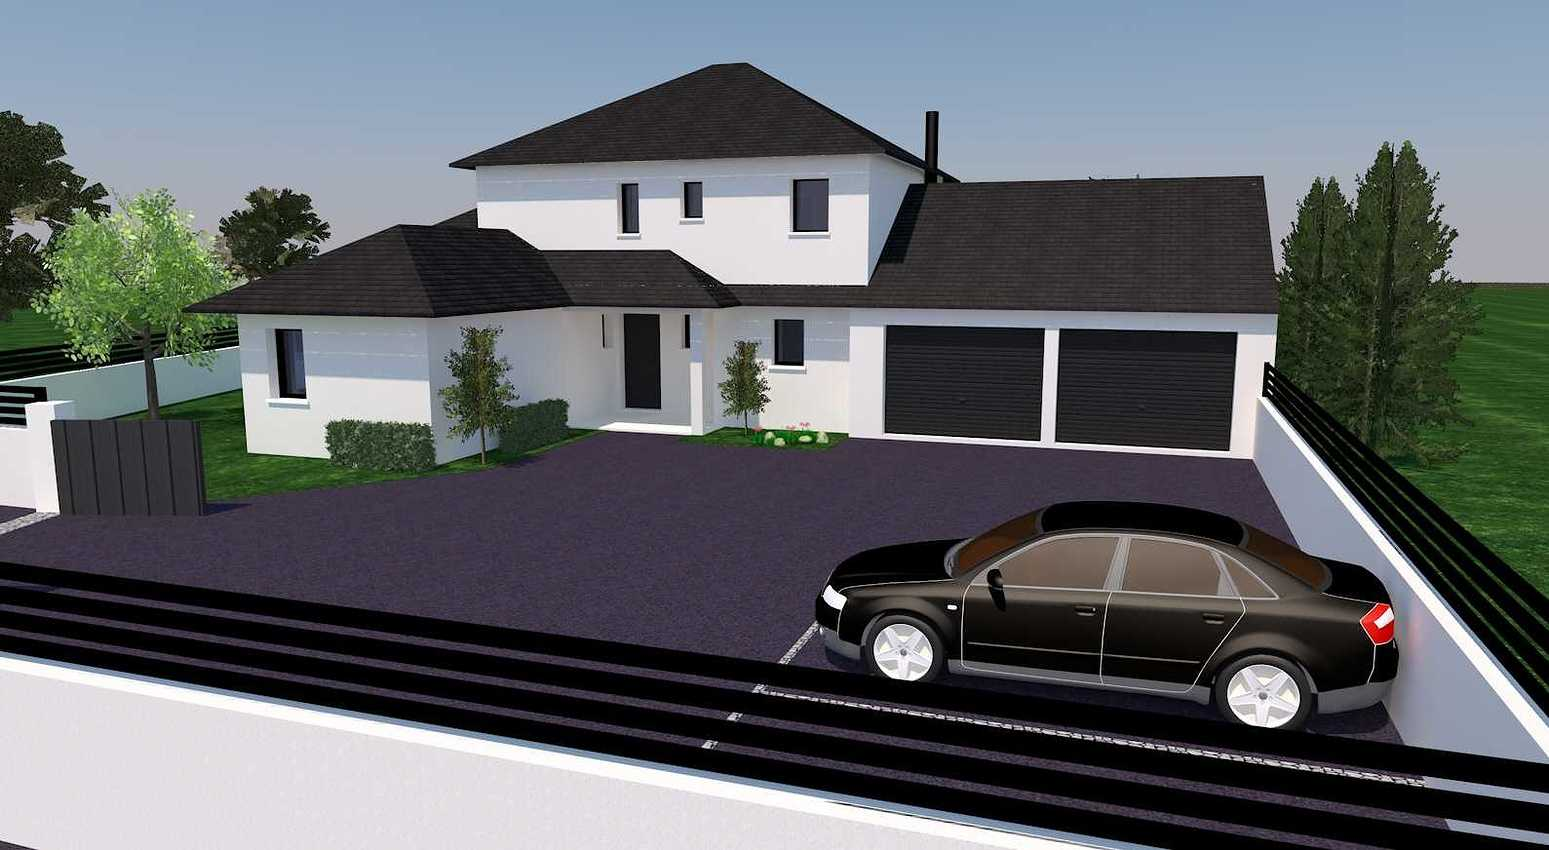 Avant projet d''une habitation de style traditionnel - Coetmieux presentation22